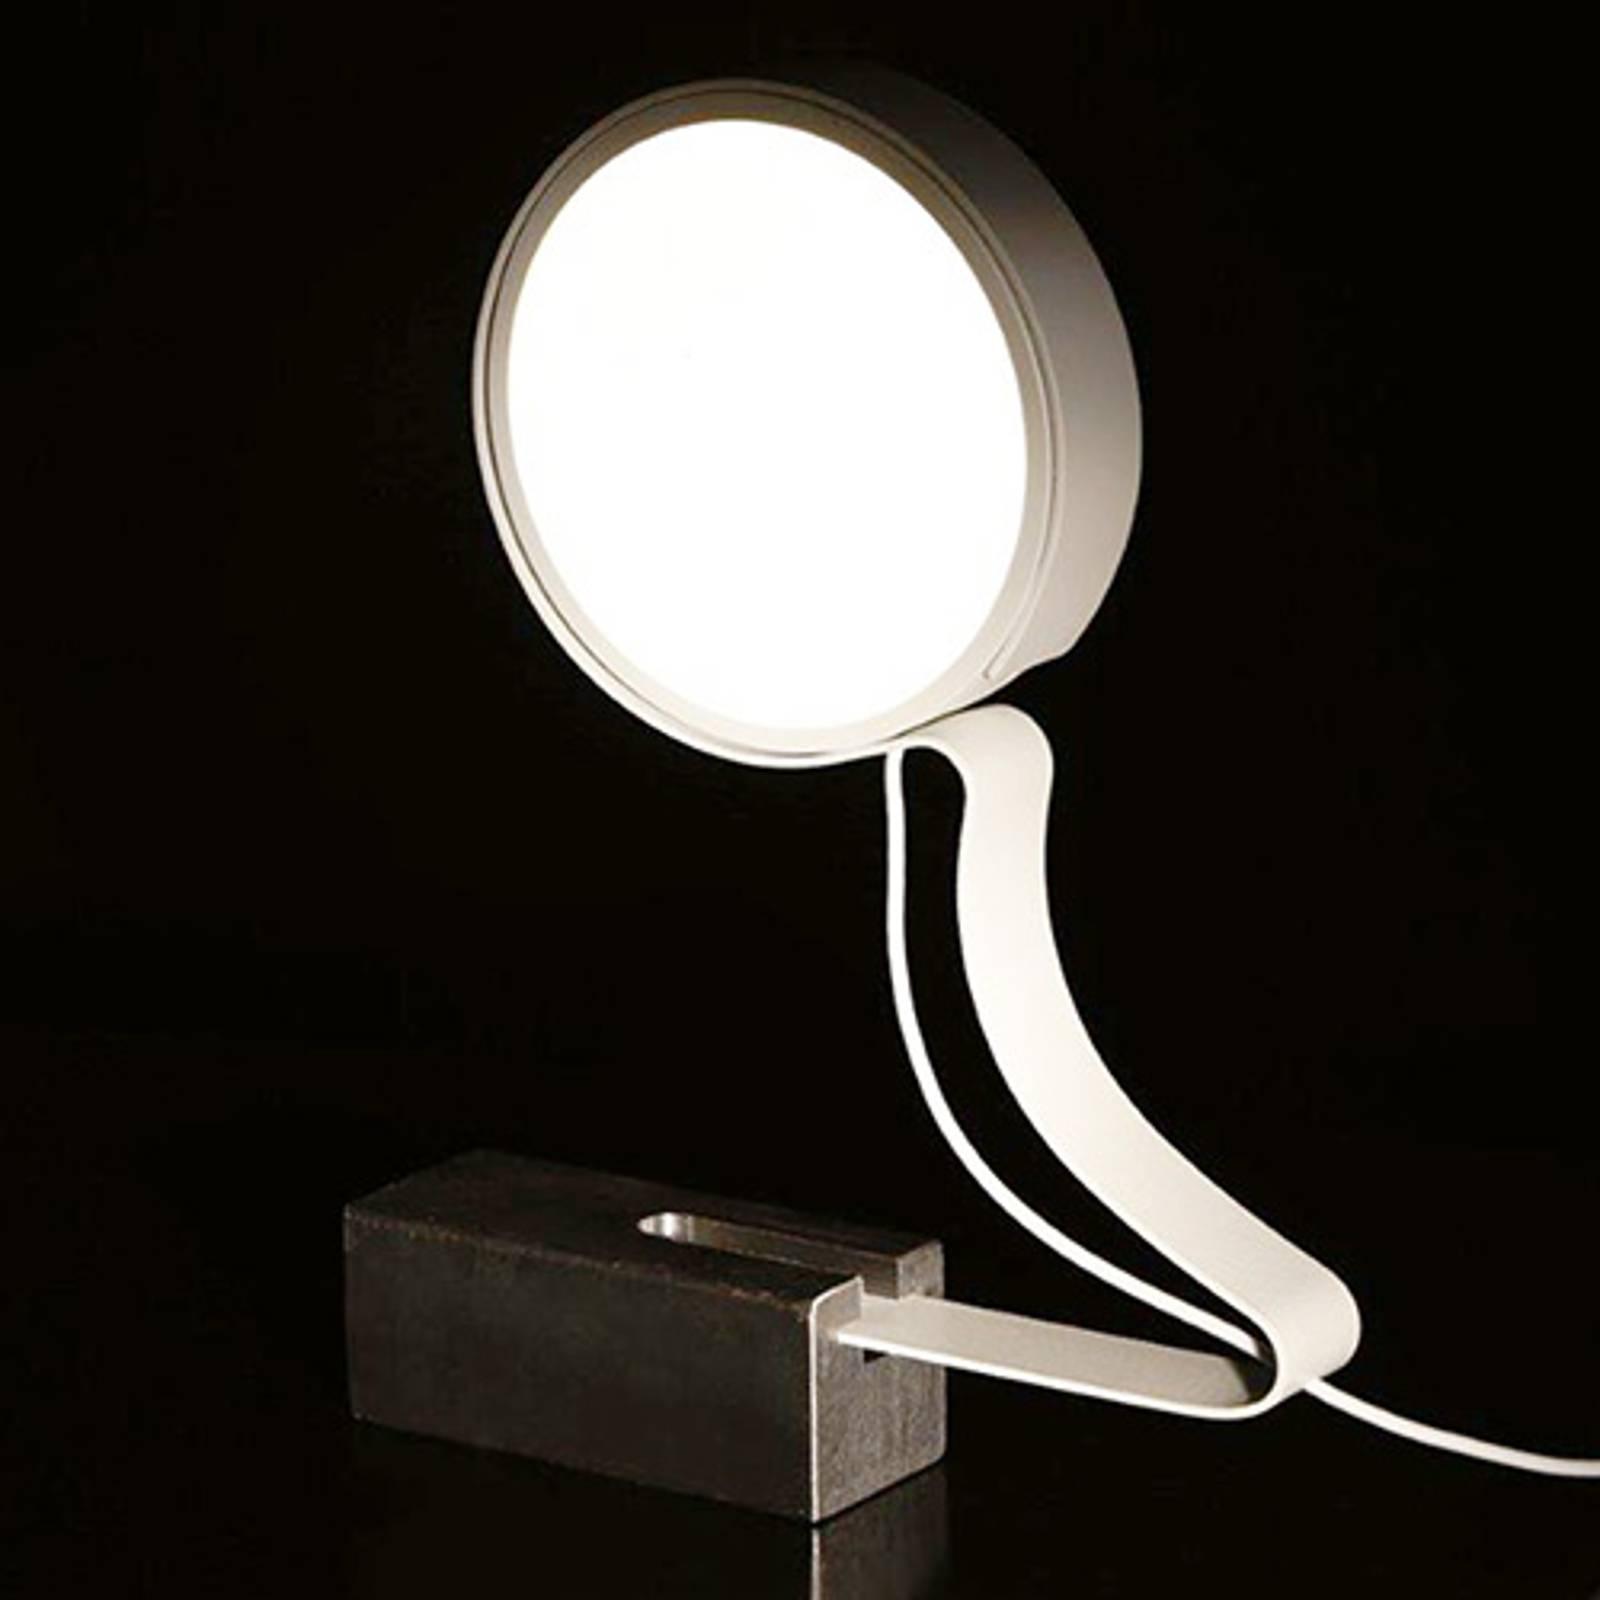 Lampada da tavolo LED bianca DND Profile